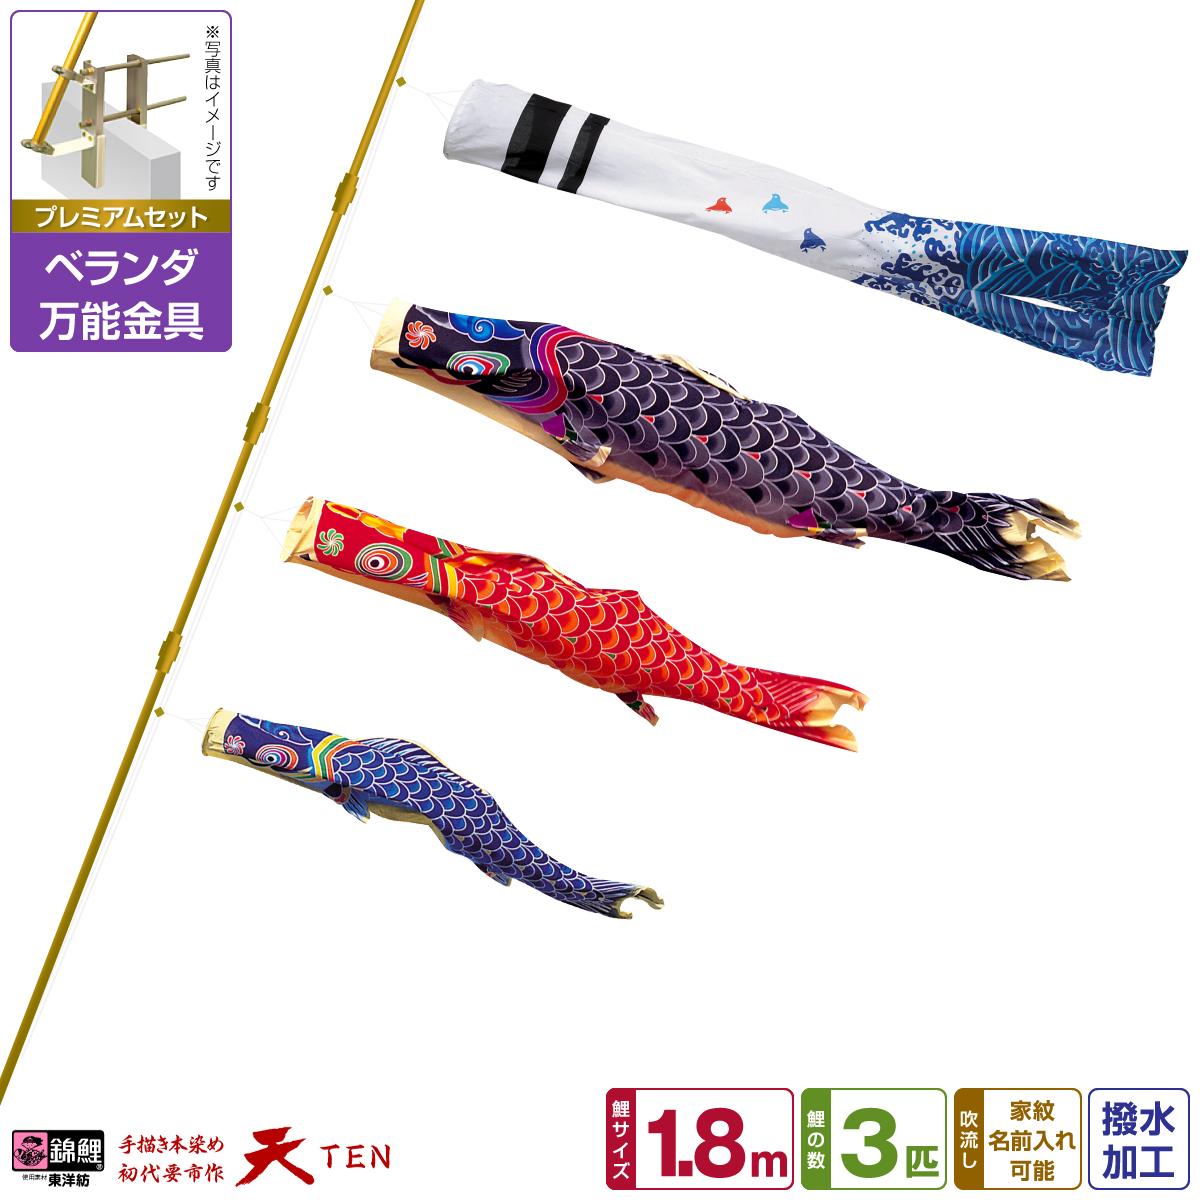 ベランダ用 こいのぼり 鯉のぼり 手描き本染め鯉のぼり 天 1.8m (1間) 6点(吹流し+鯉3匹+矢車+ロープ)/プレミアムセット(万能取付金具)